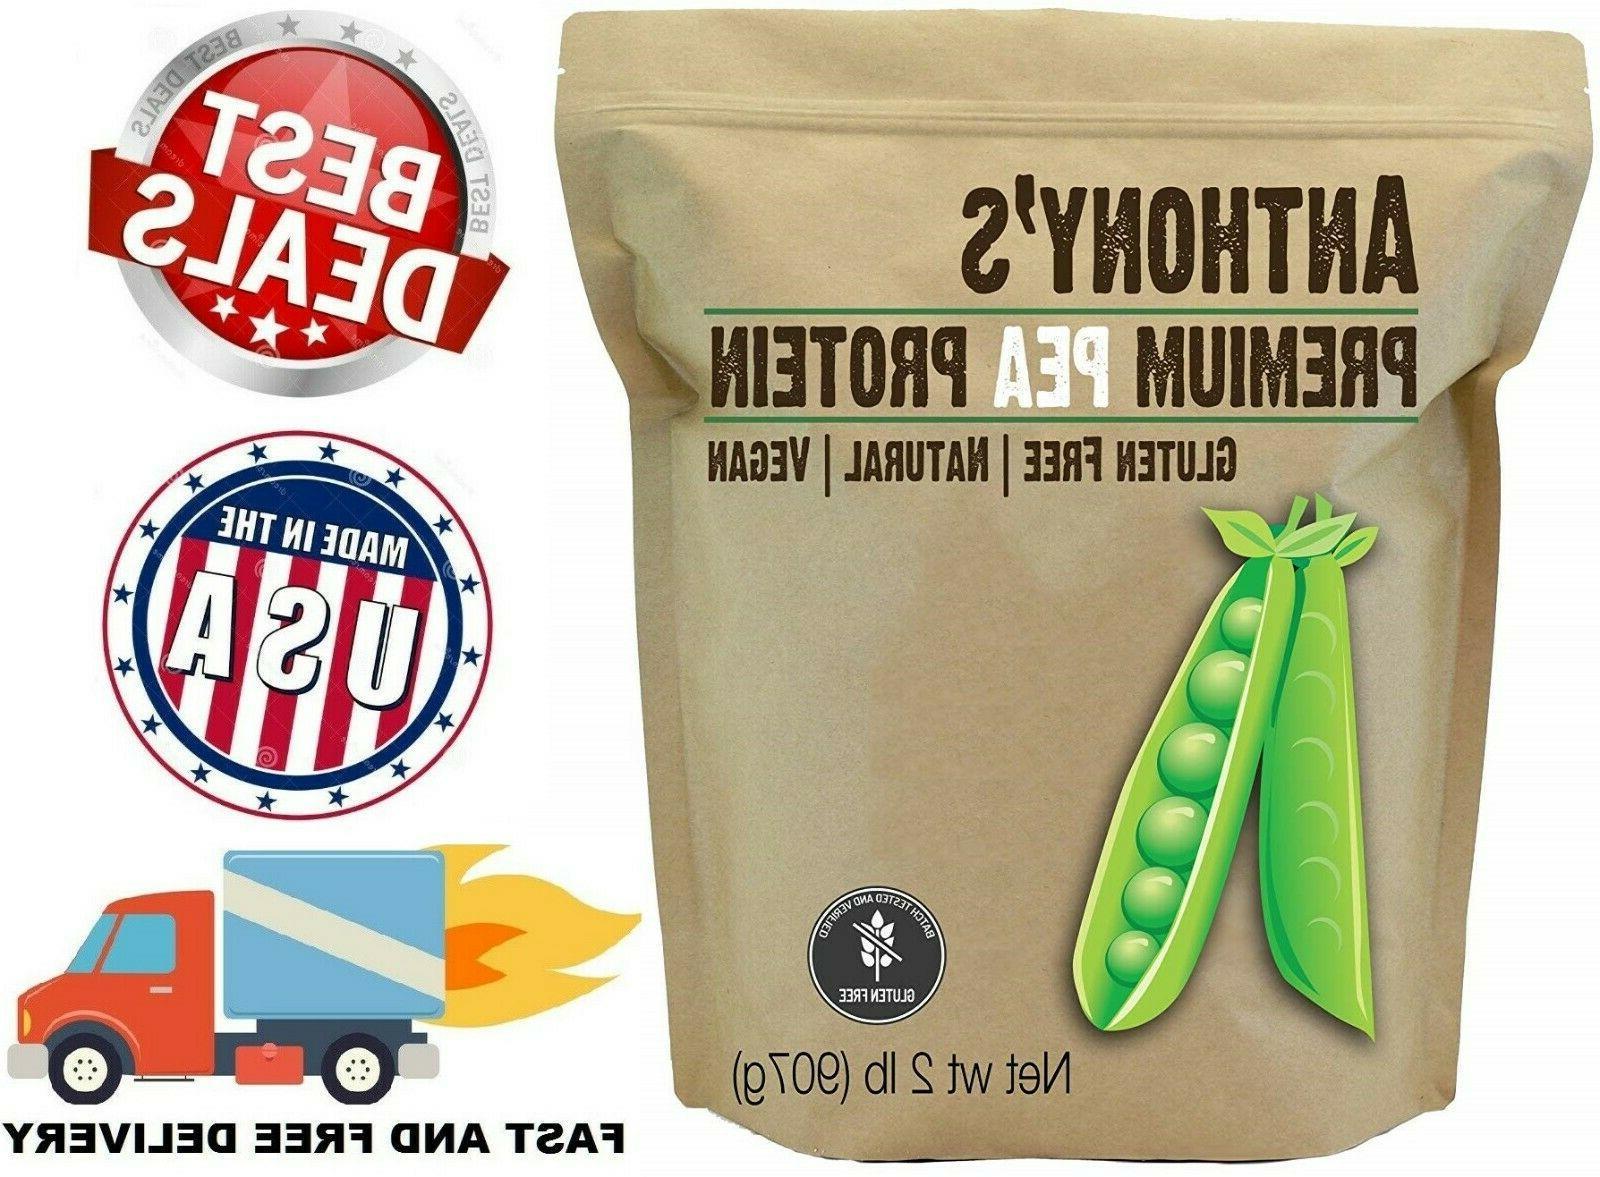 PROTEIN POWDER 2 lbs Premium Pea Protein Isolate Keto Friend